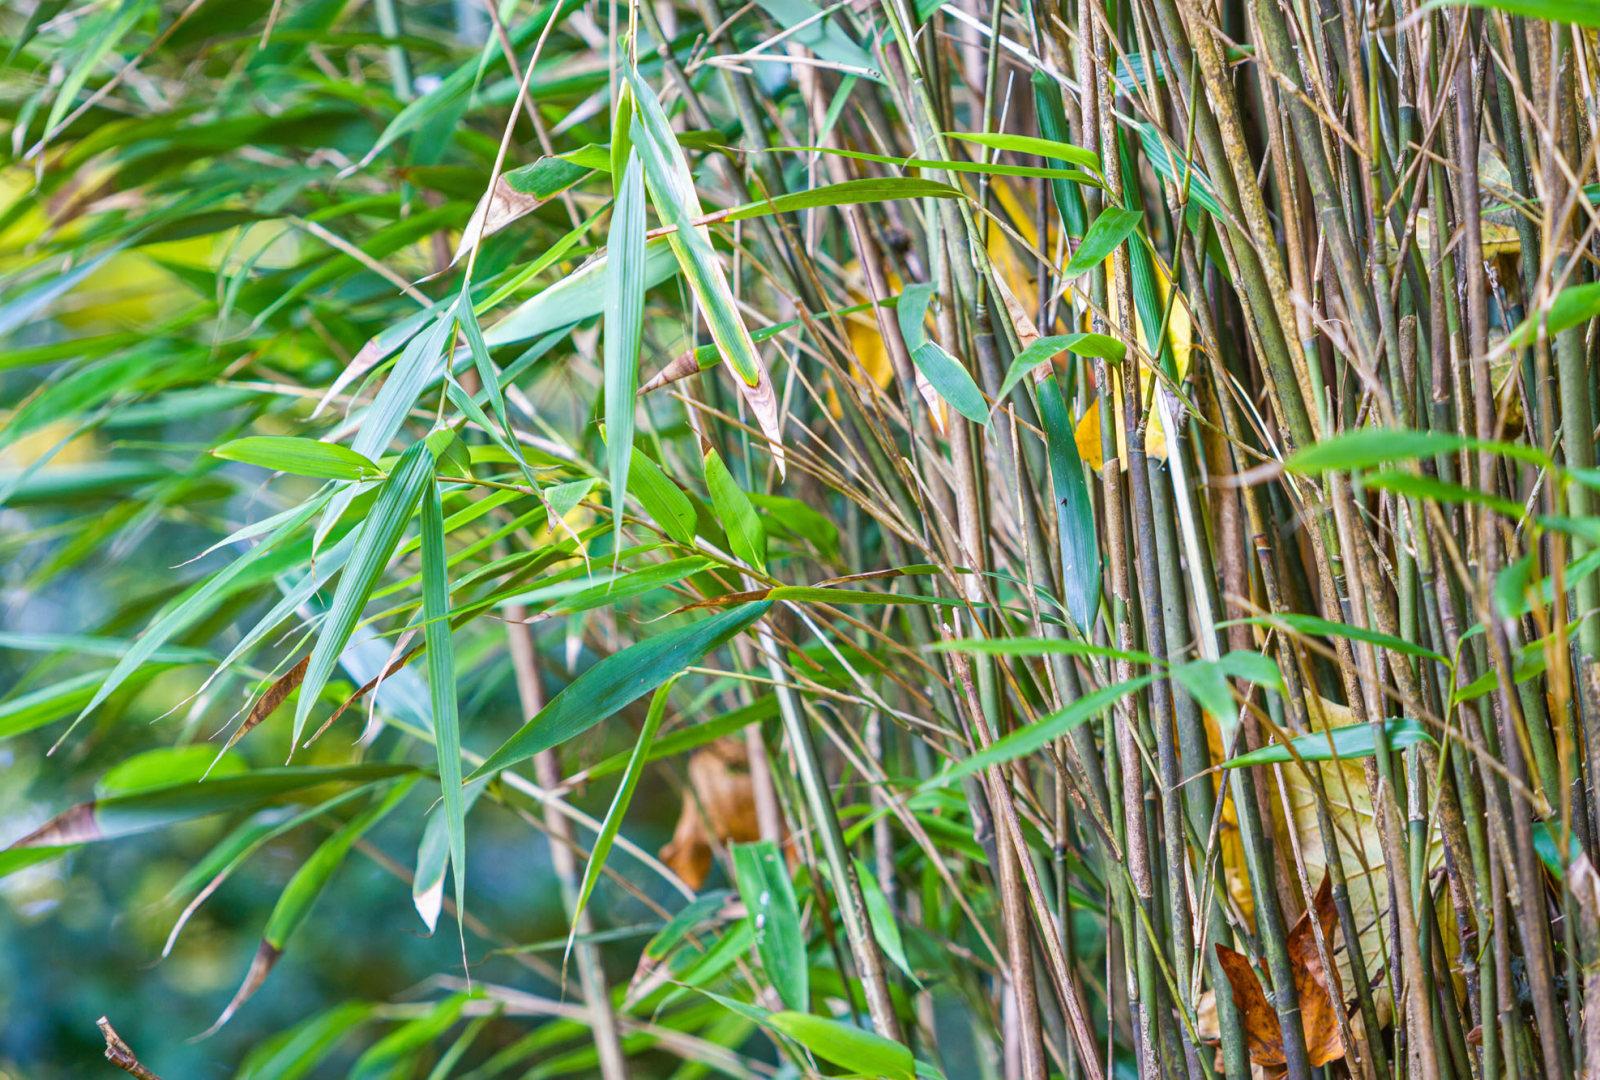 Pseudosasa japonica bamboo at trebah